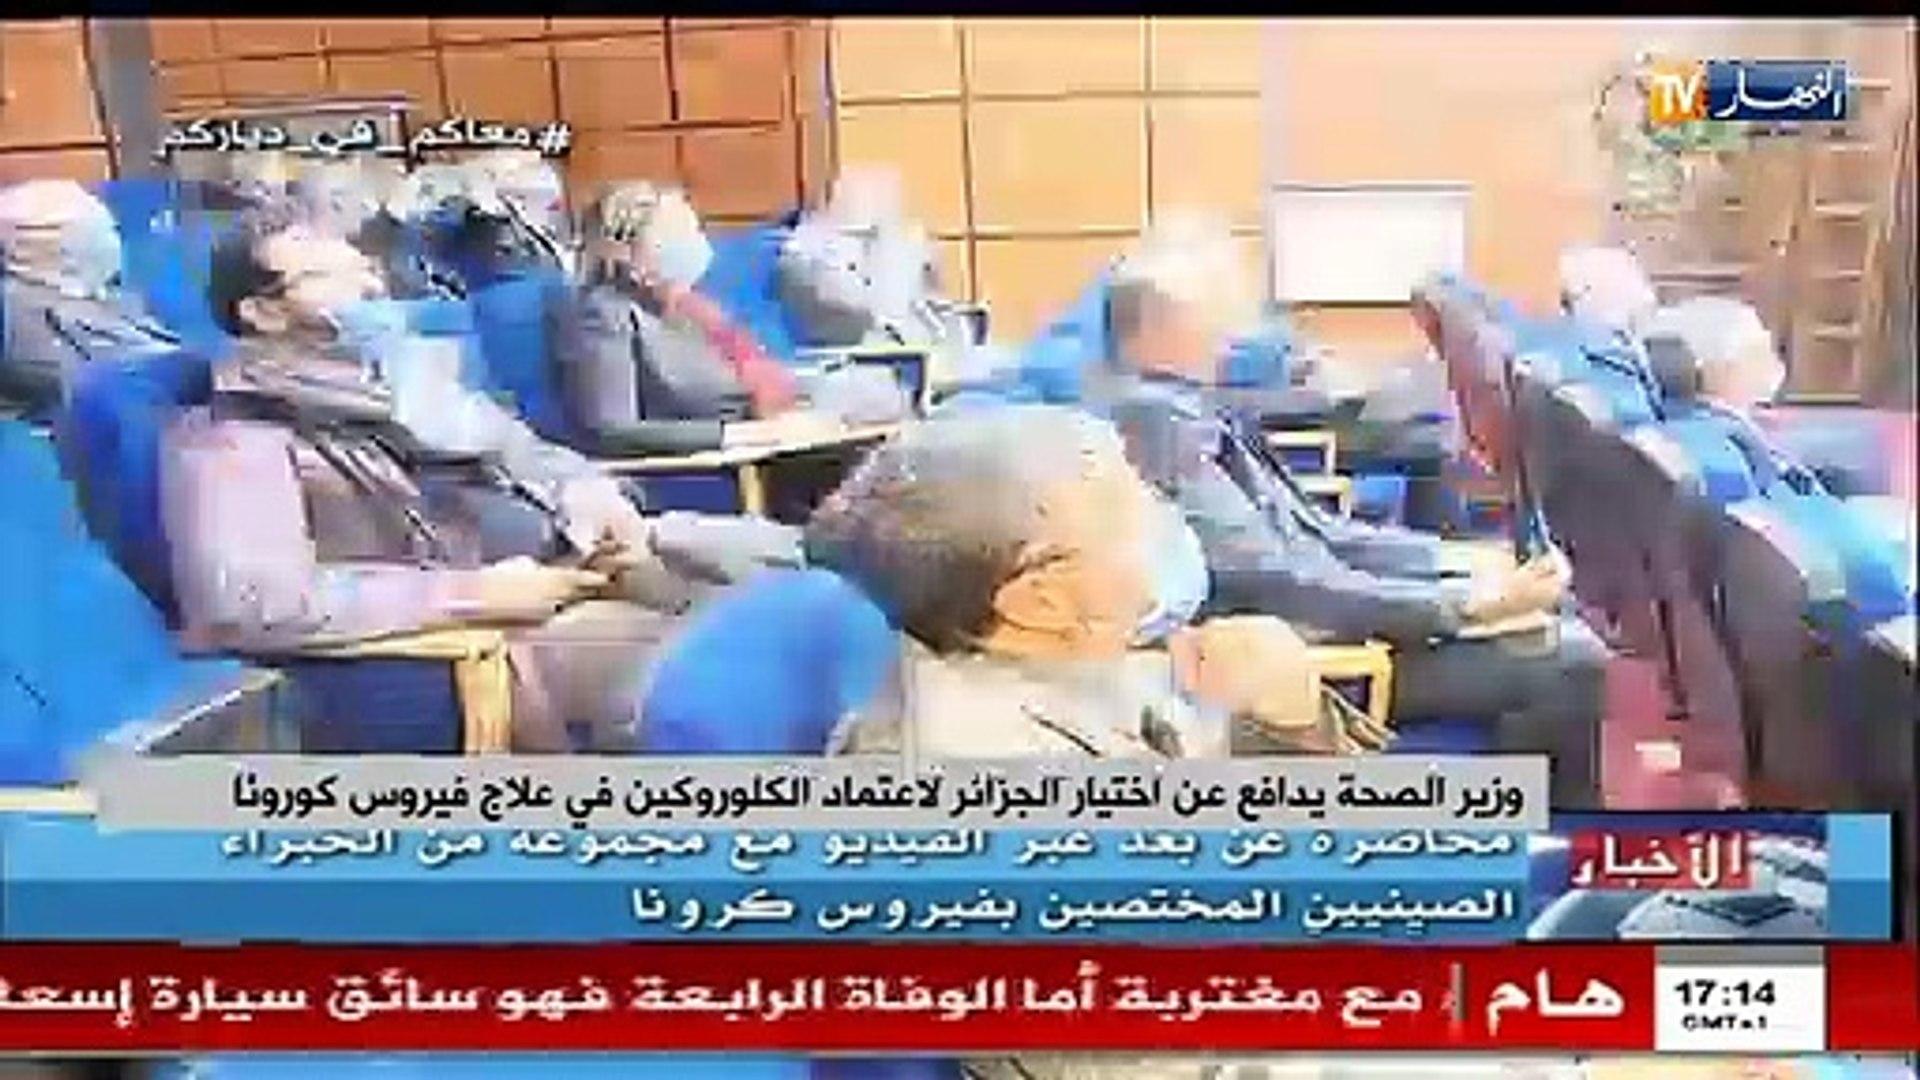 وزير الصحة يدافع عن إختيار الجزائر لإعتماد الكلوروكين في علاج فيروس كورونا